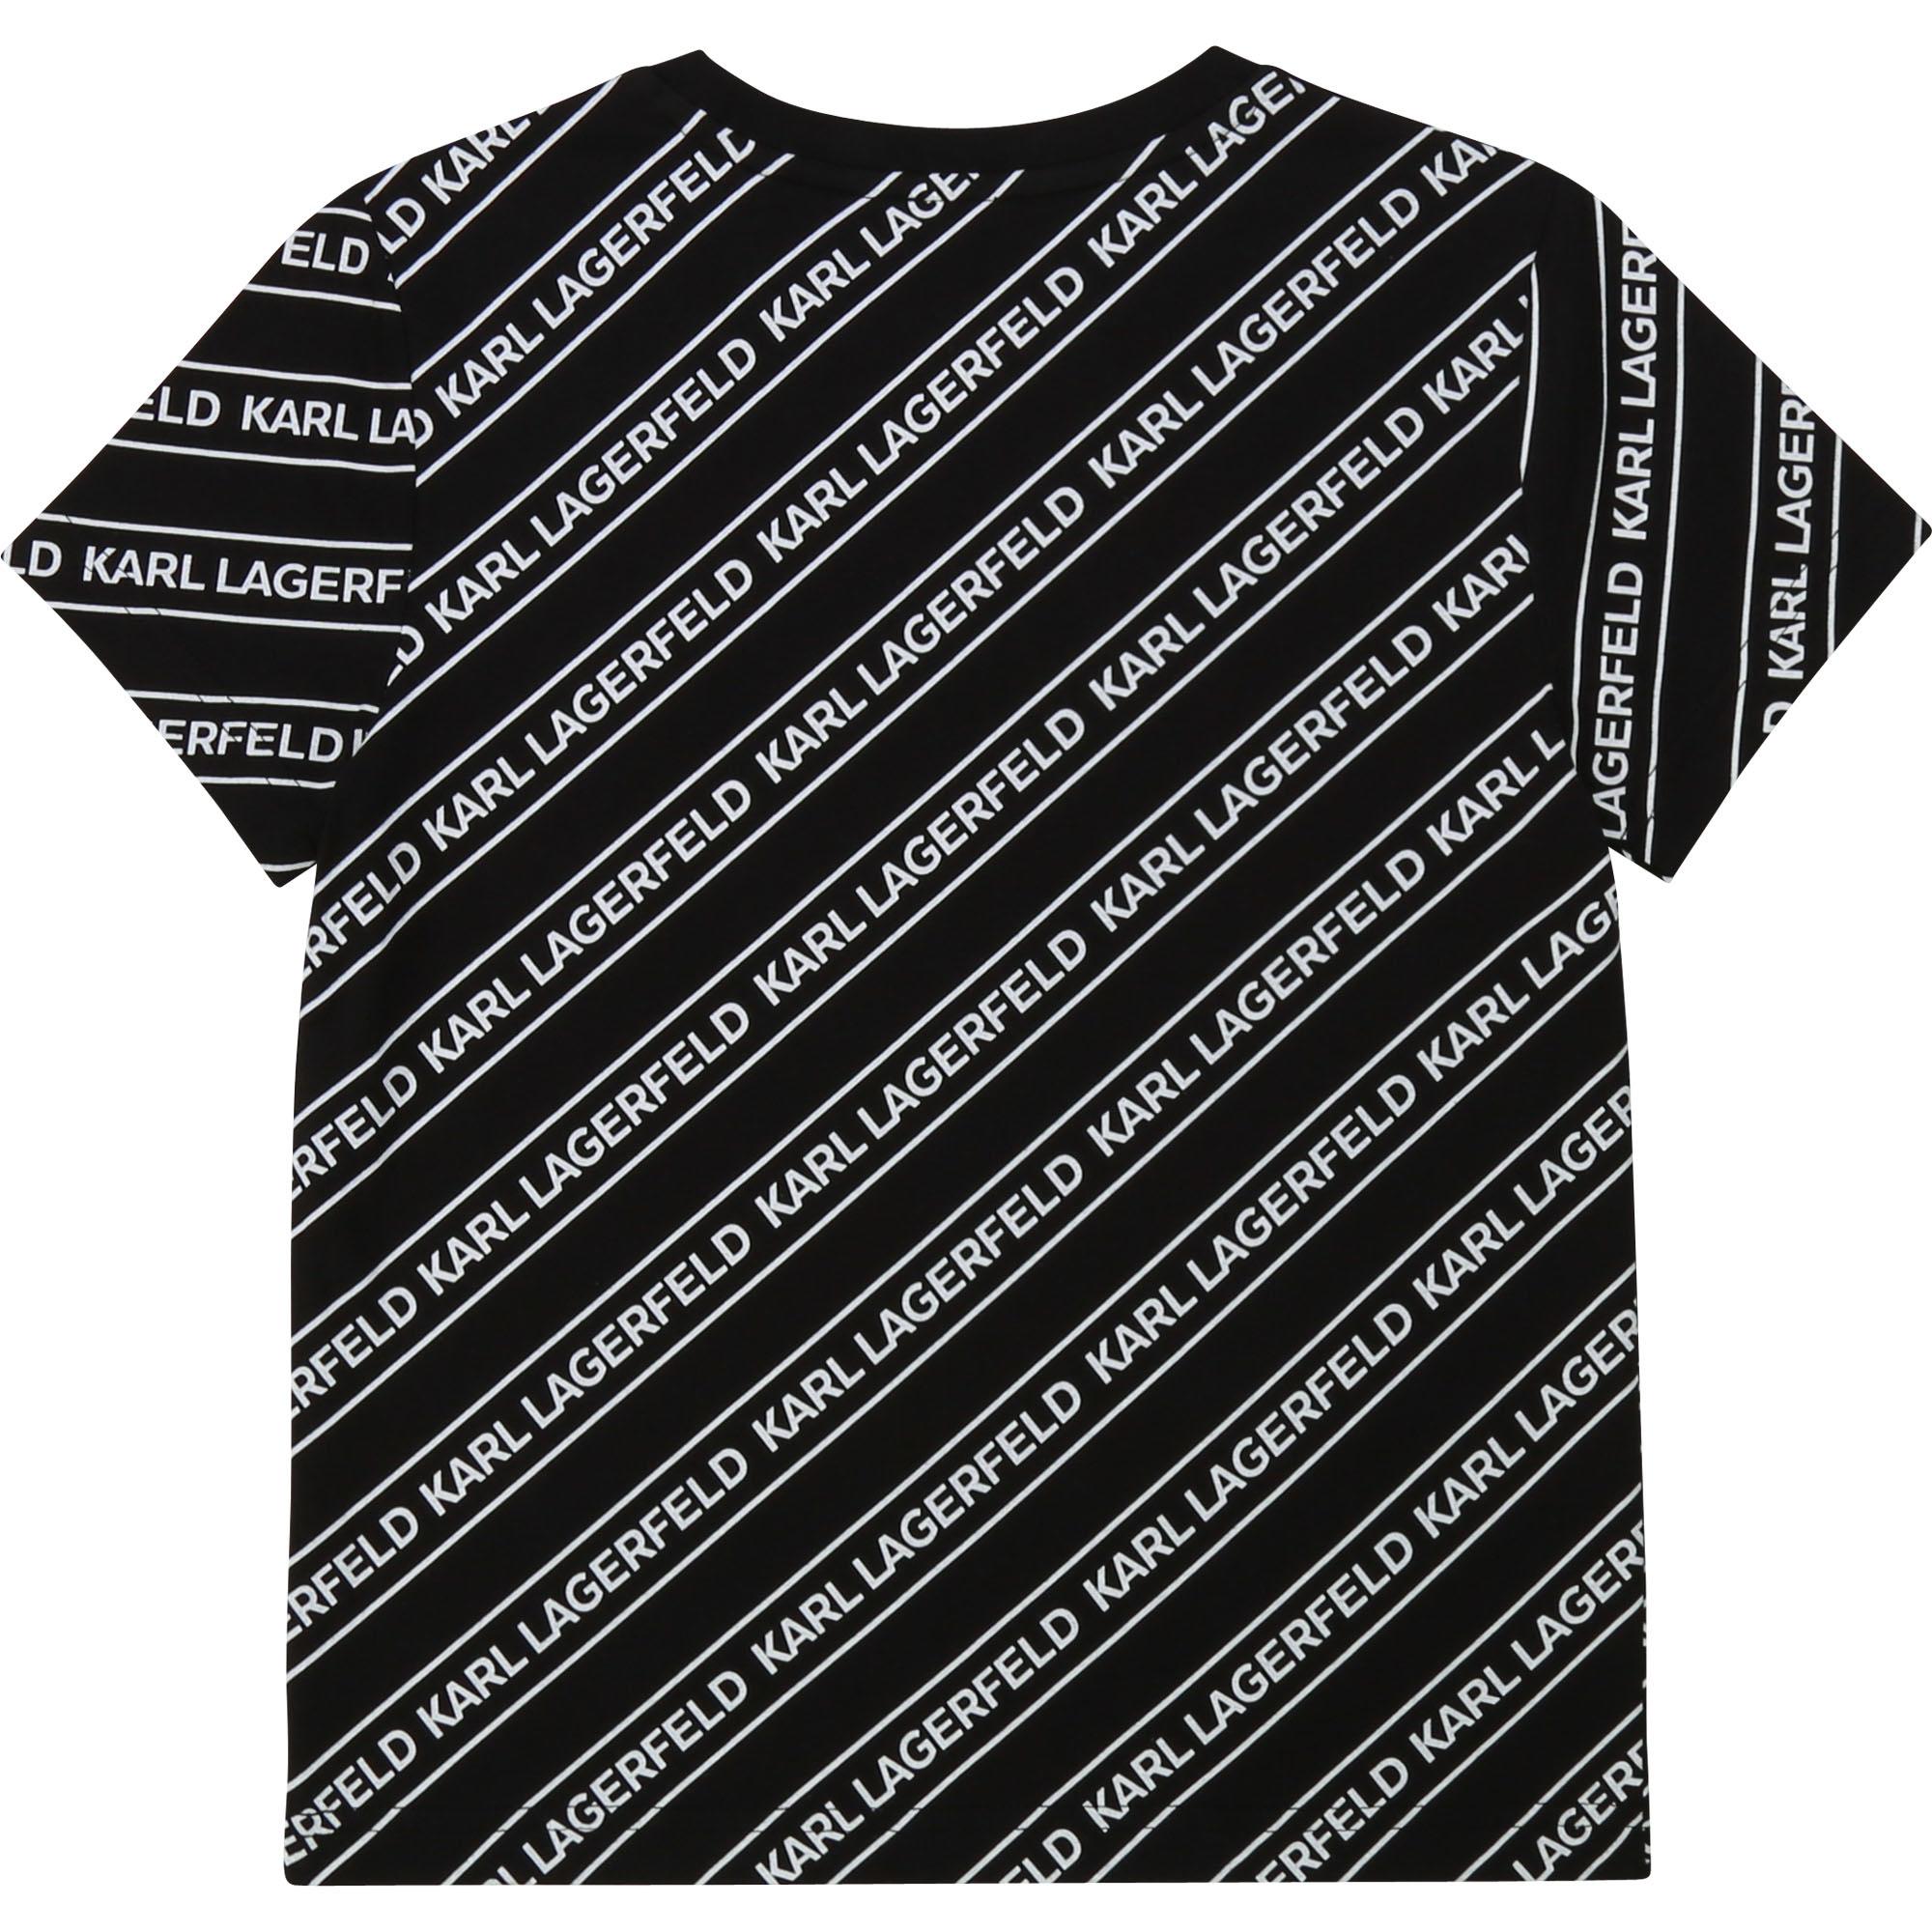 KARL LAGERFELD t-shirt jersey coton imprimé-2